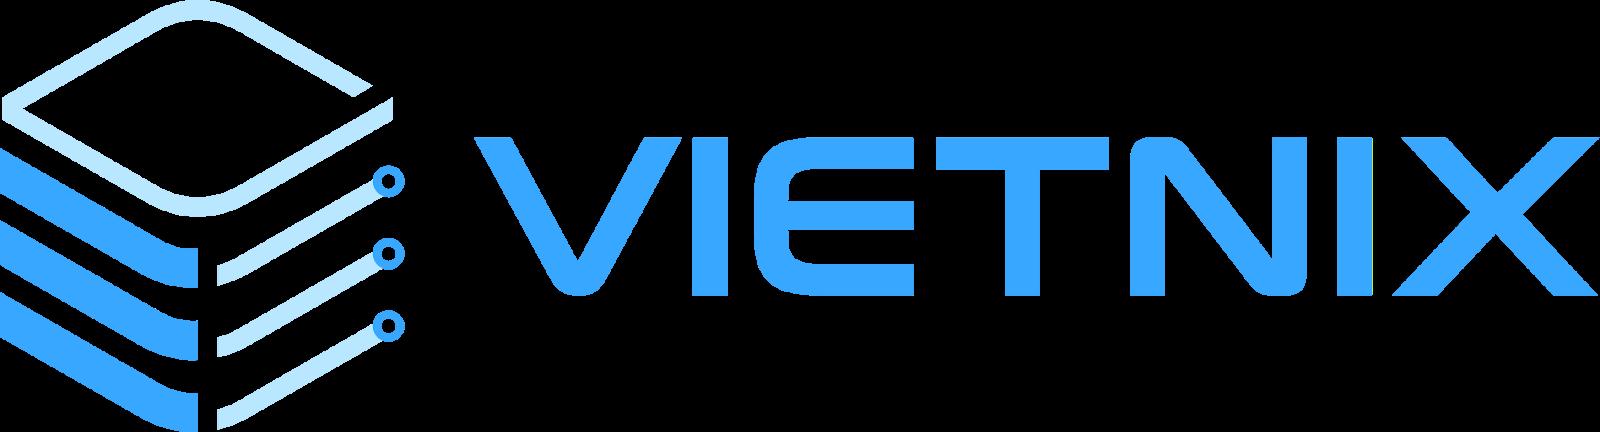 Vietnix chuyên cung cấp dịch vụ thuê VPS chất lượng